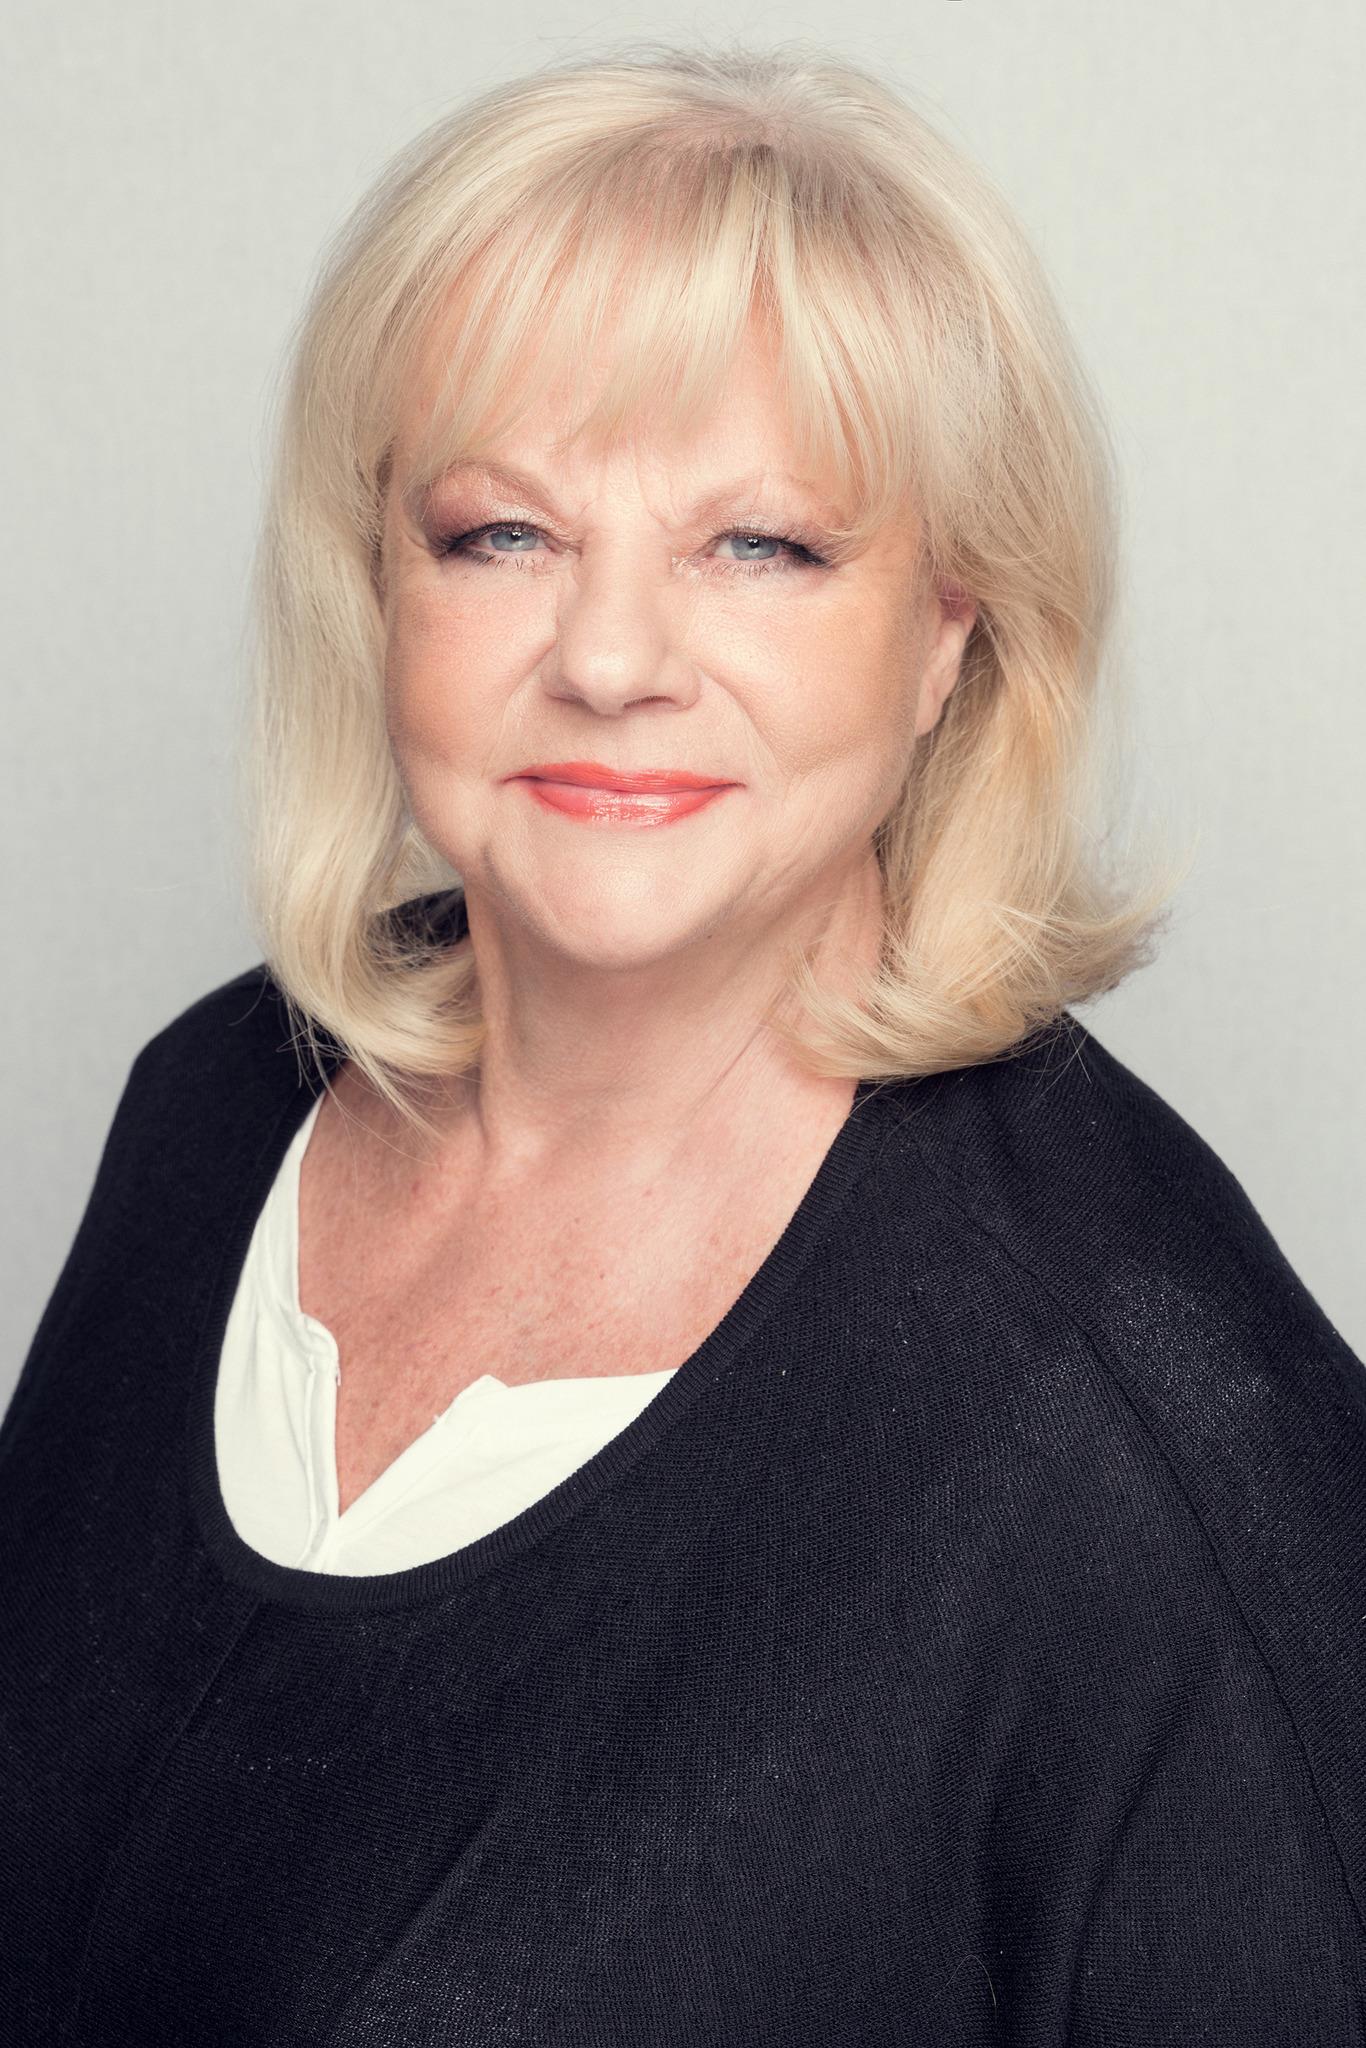 Marianne Mendt